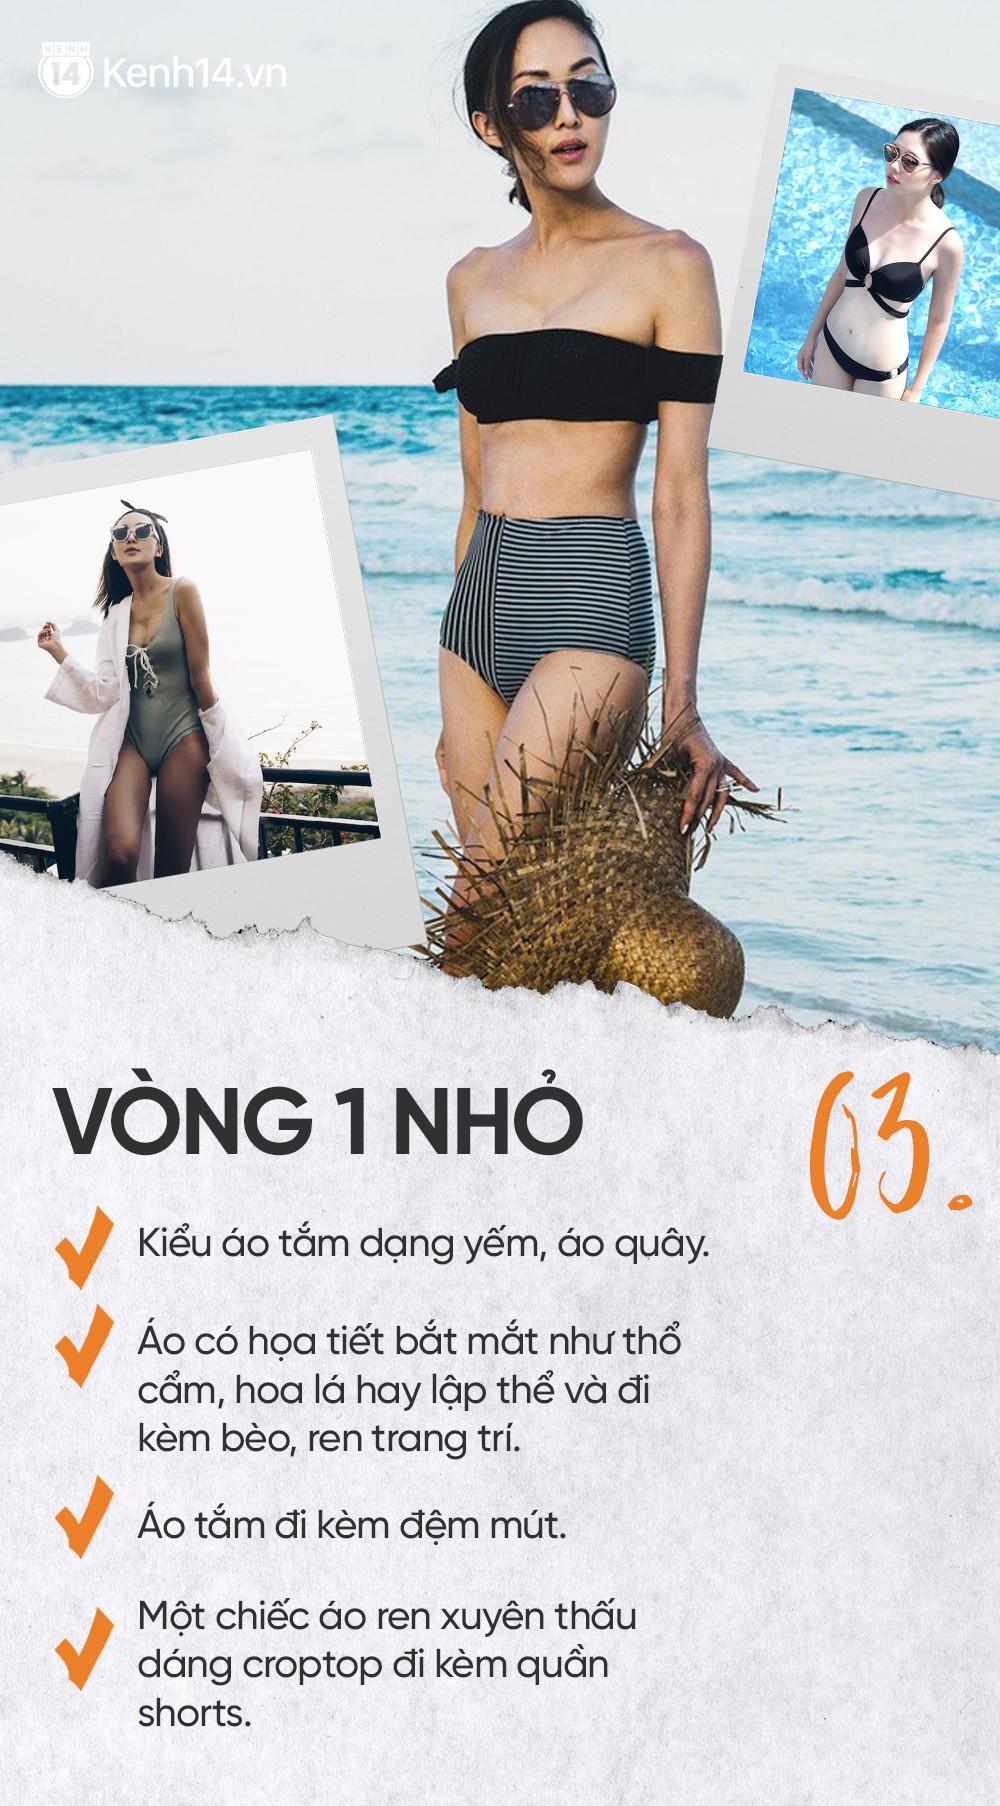 Trọn bộ bí kíp chọn đồ bơi giúp bạn thoải mái sống ảo mà không lo về dáng - Ảnh 6.